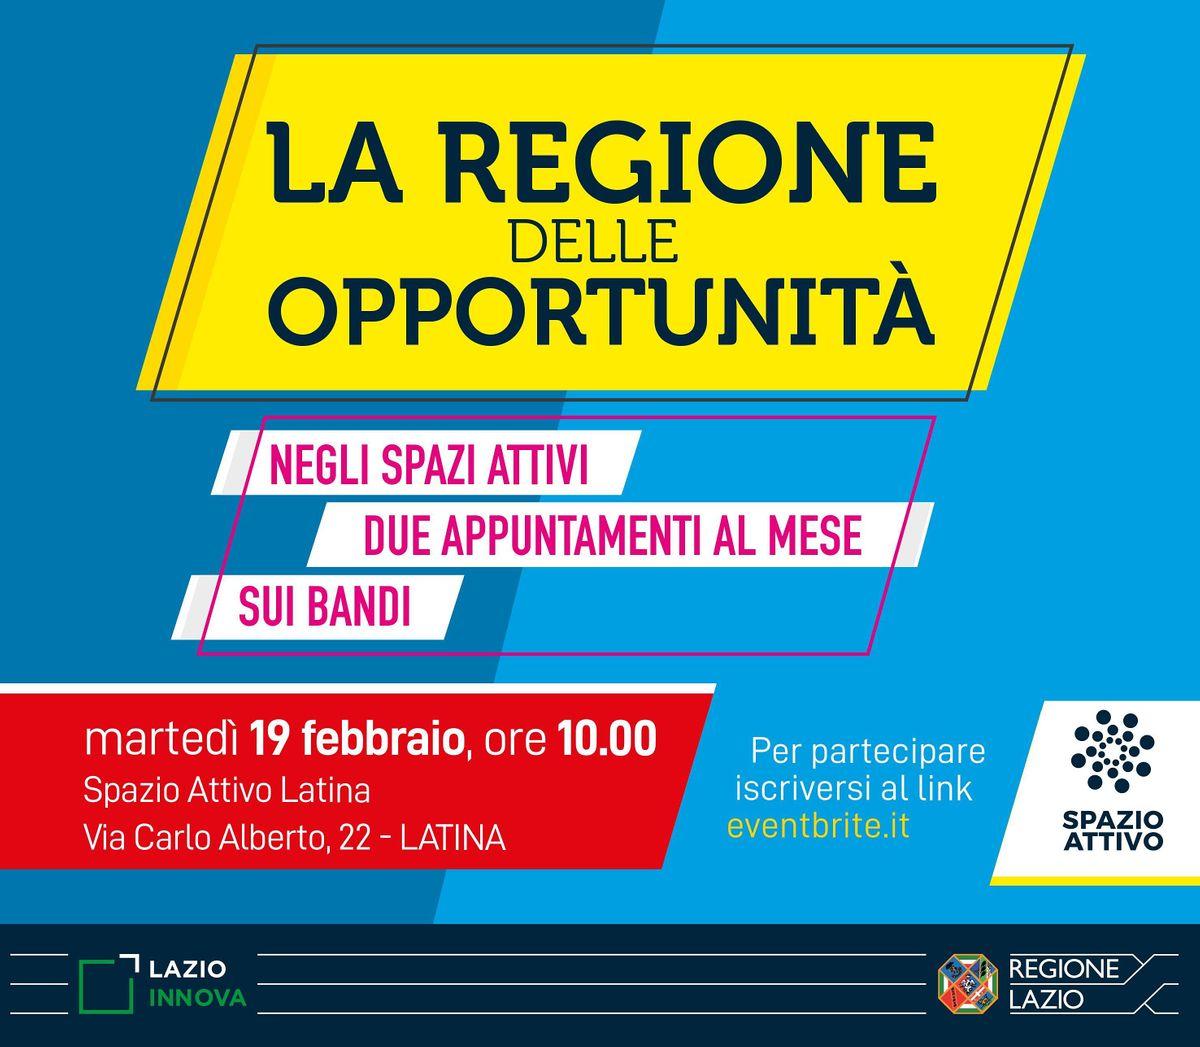 La Regione delle opportunit - Viterbo